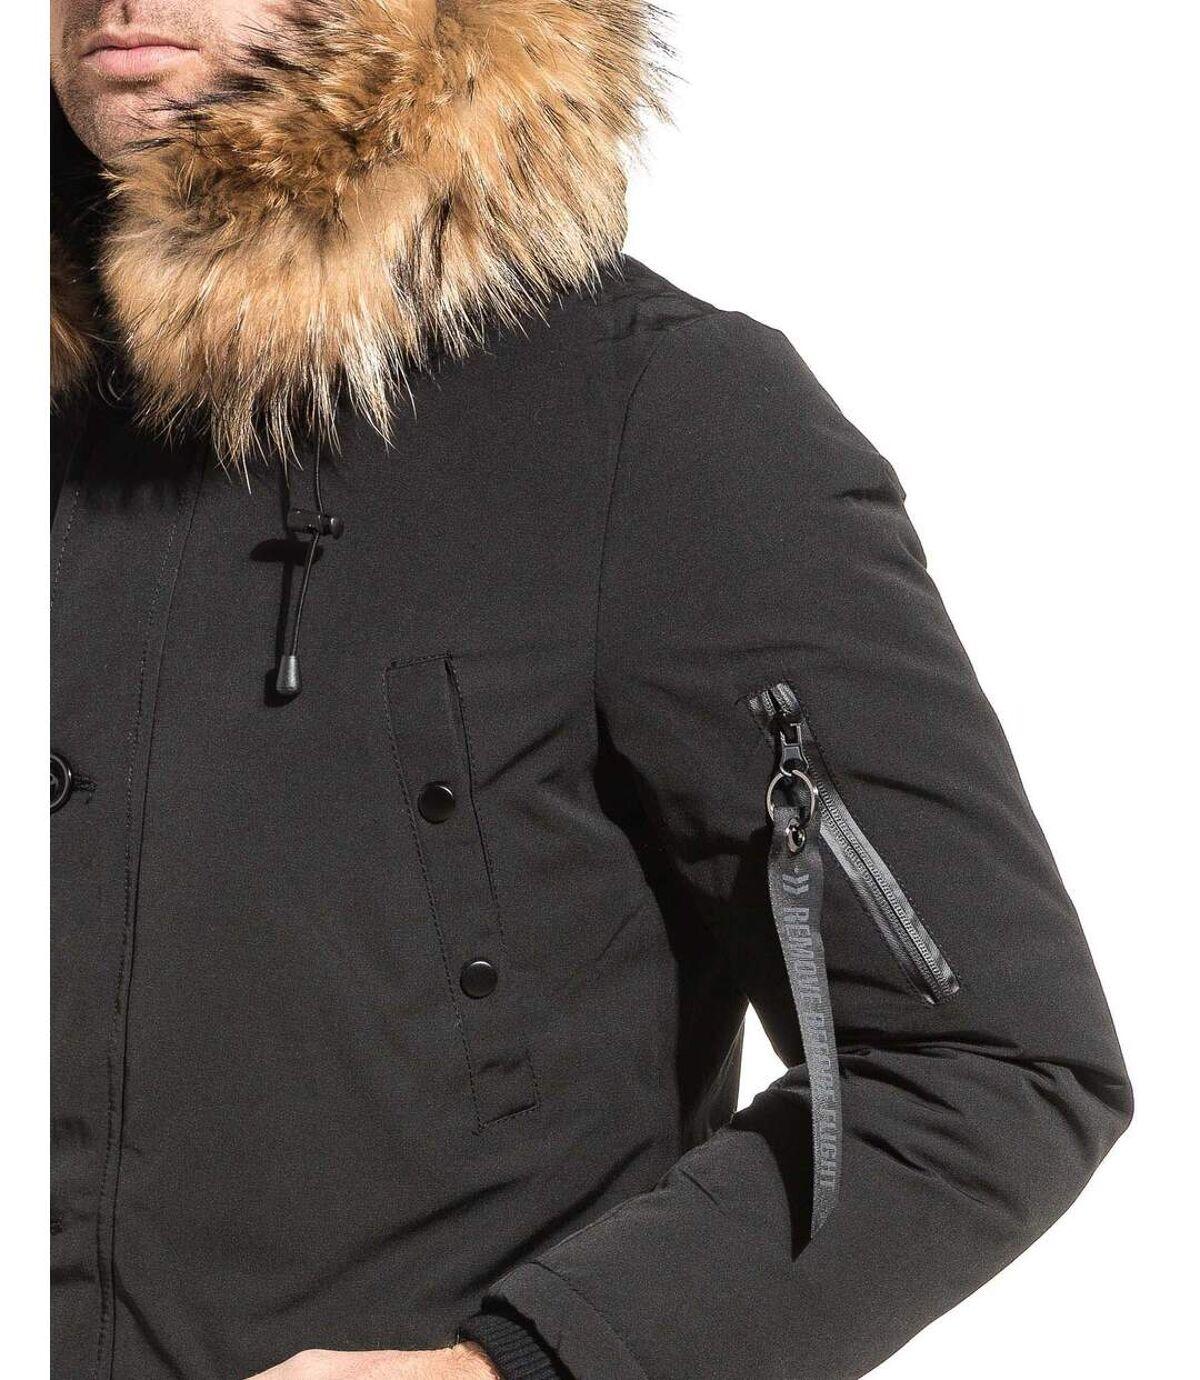 Parka homme longue chic noire capuche fourrure